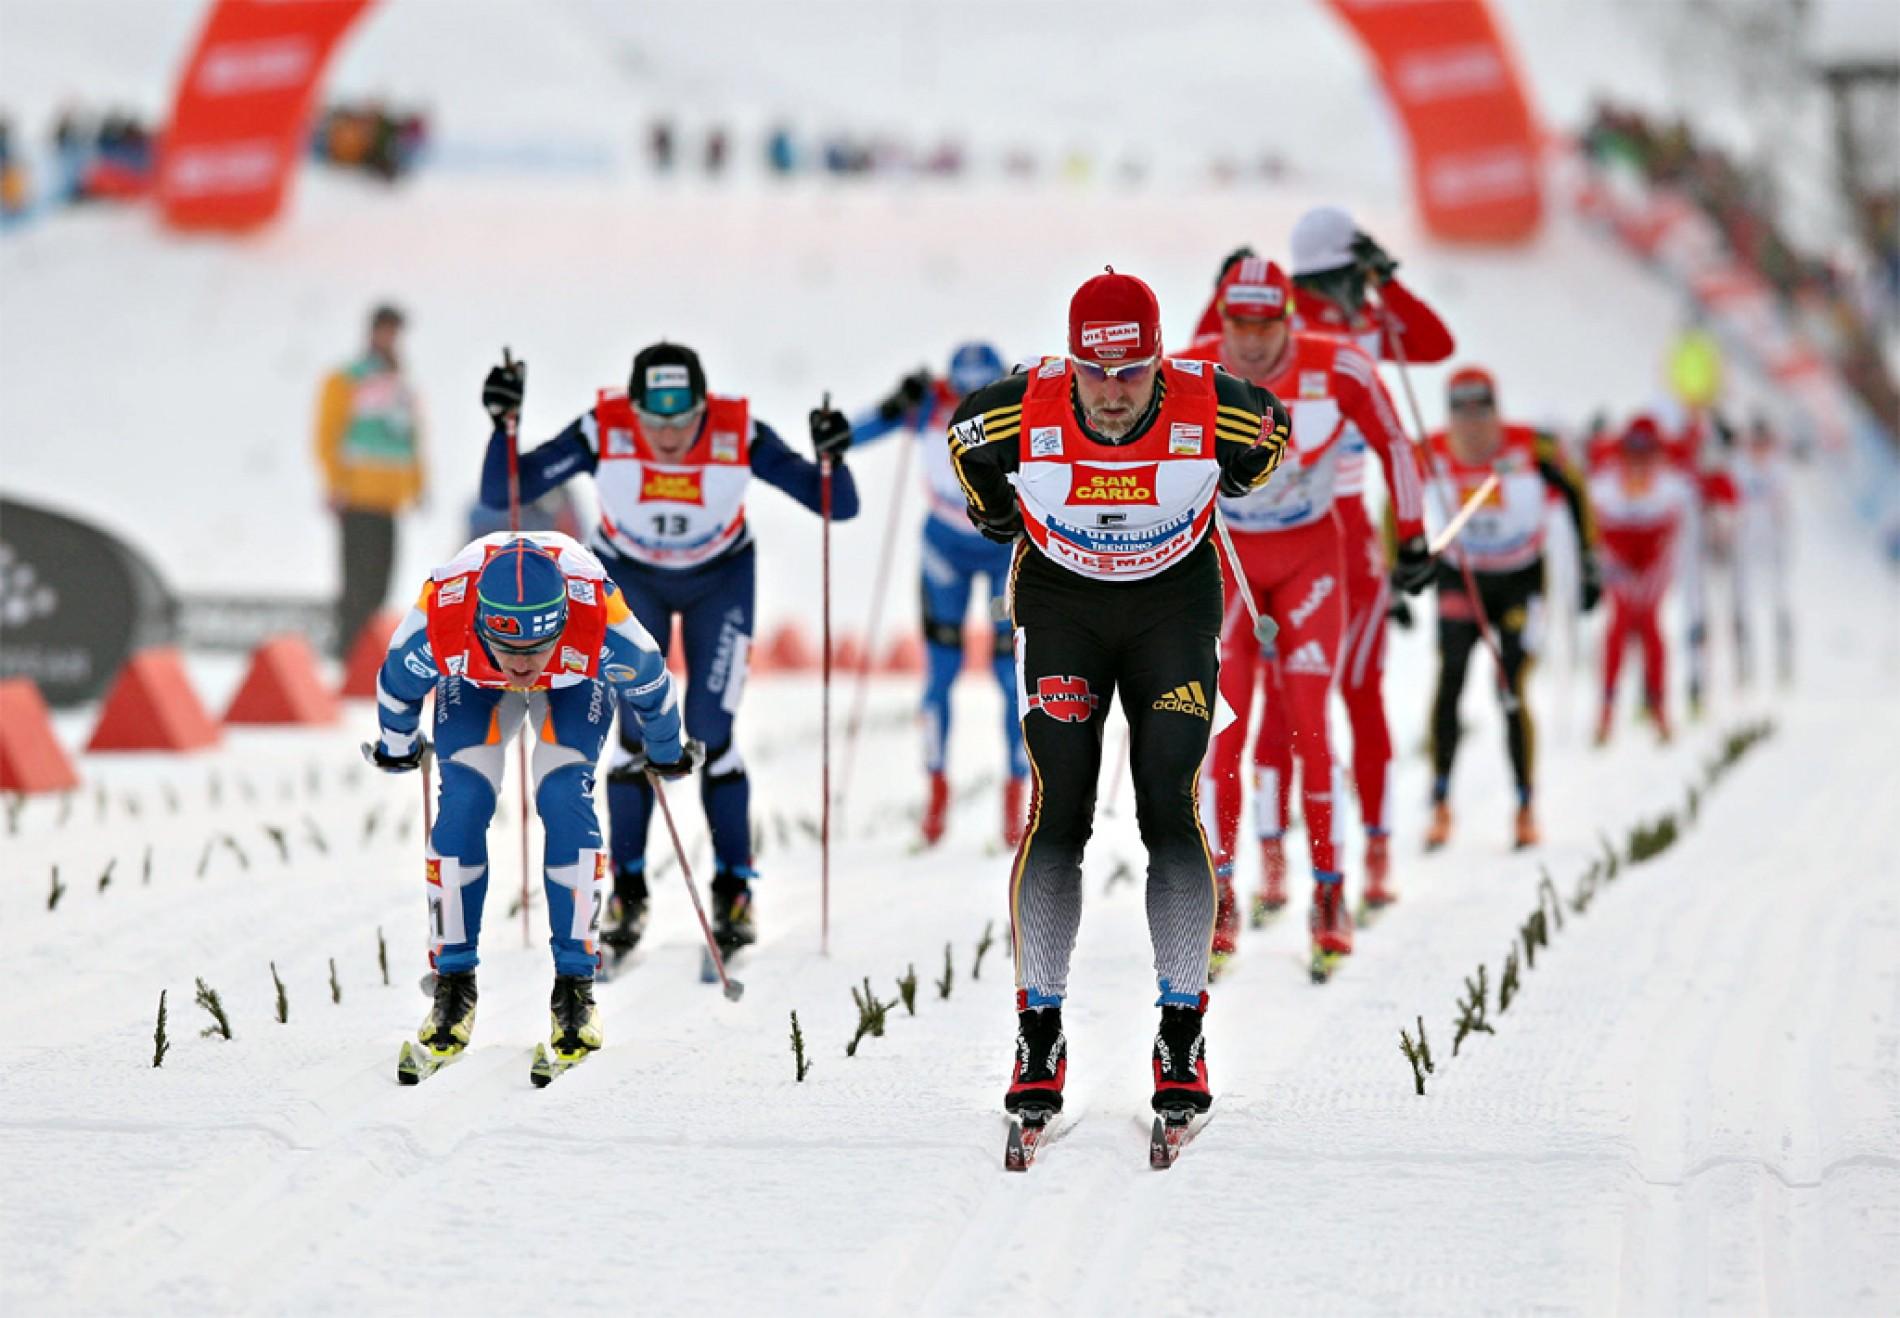 La Coppa del Mondo di sci alpino e sci nordico sbarca in Italia